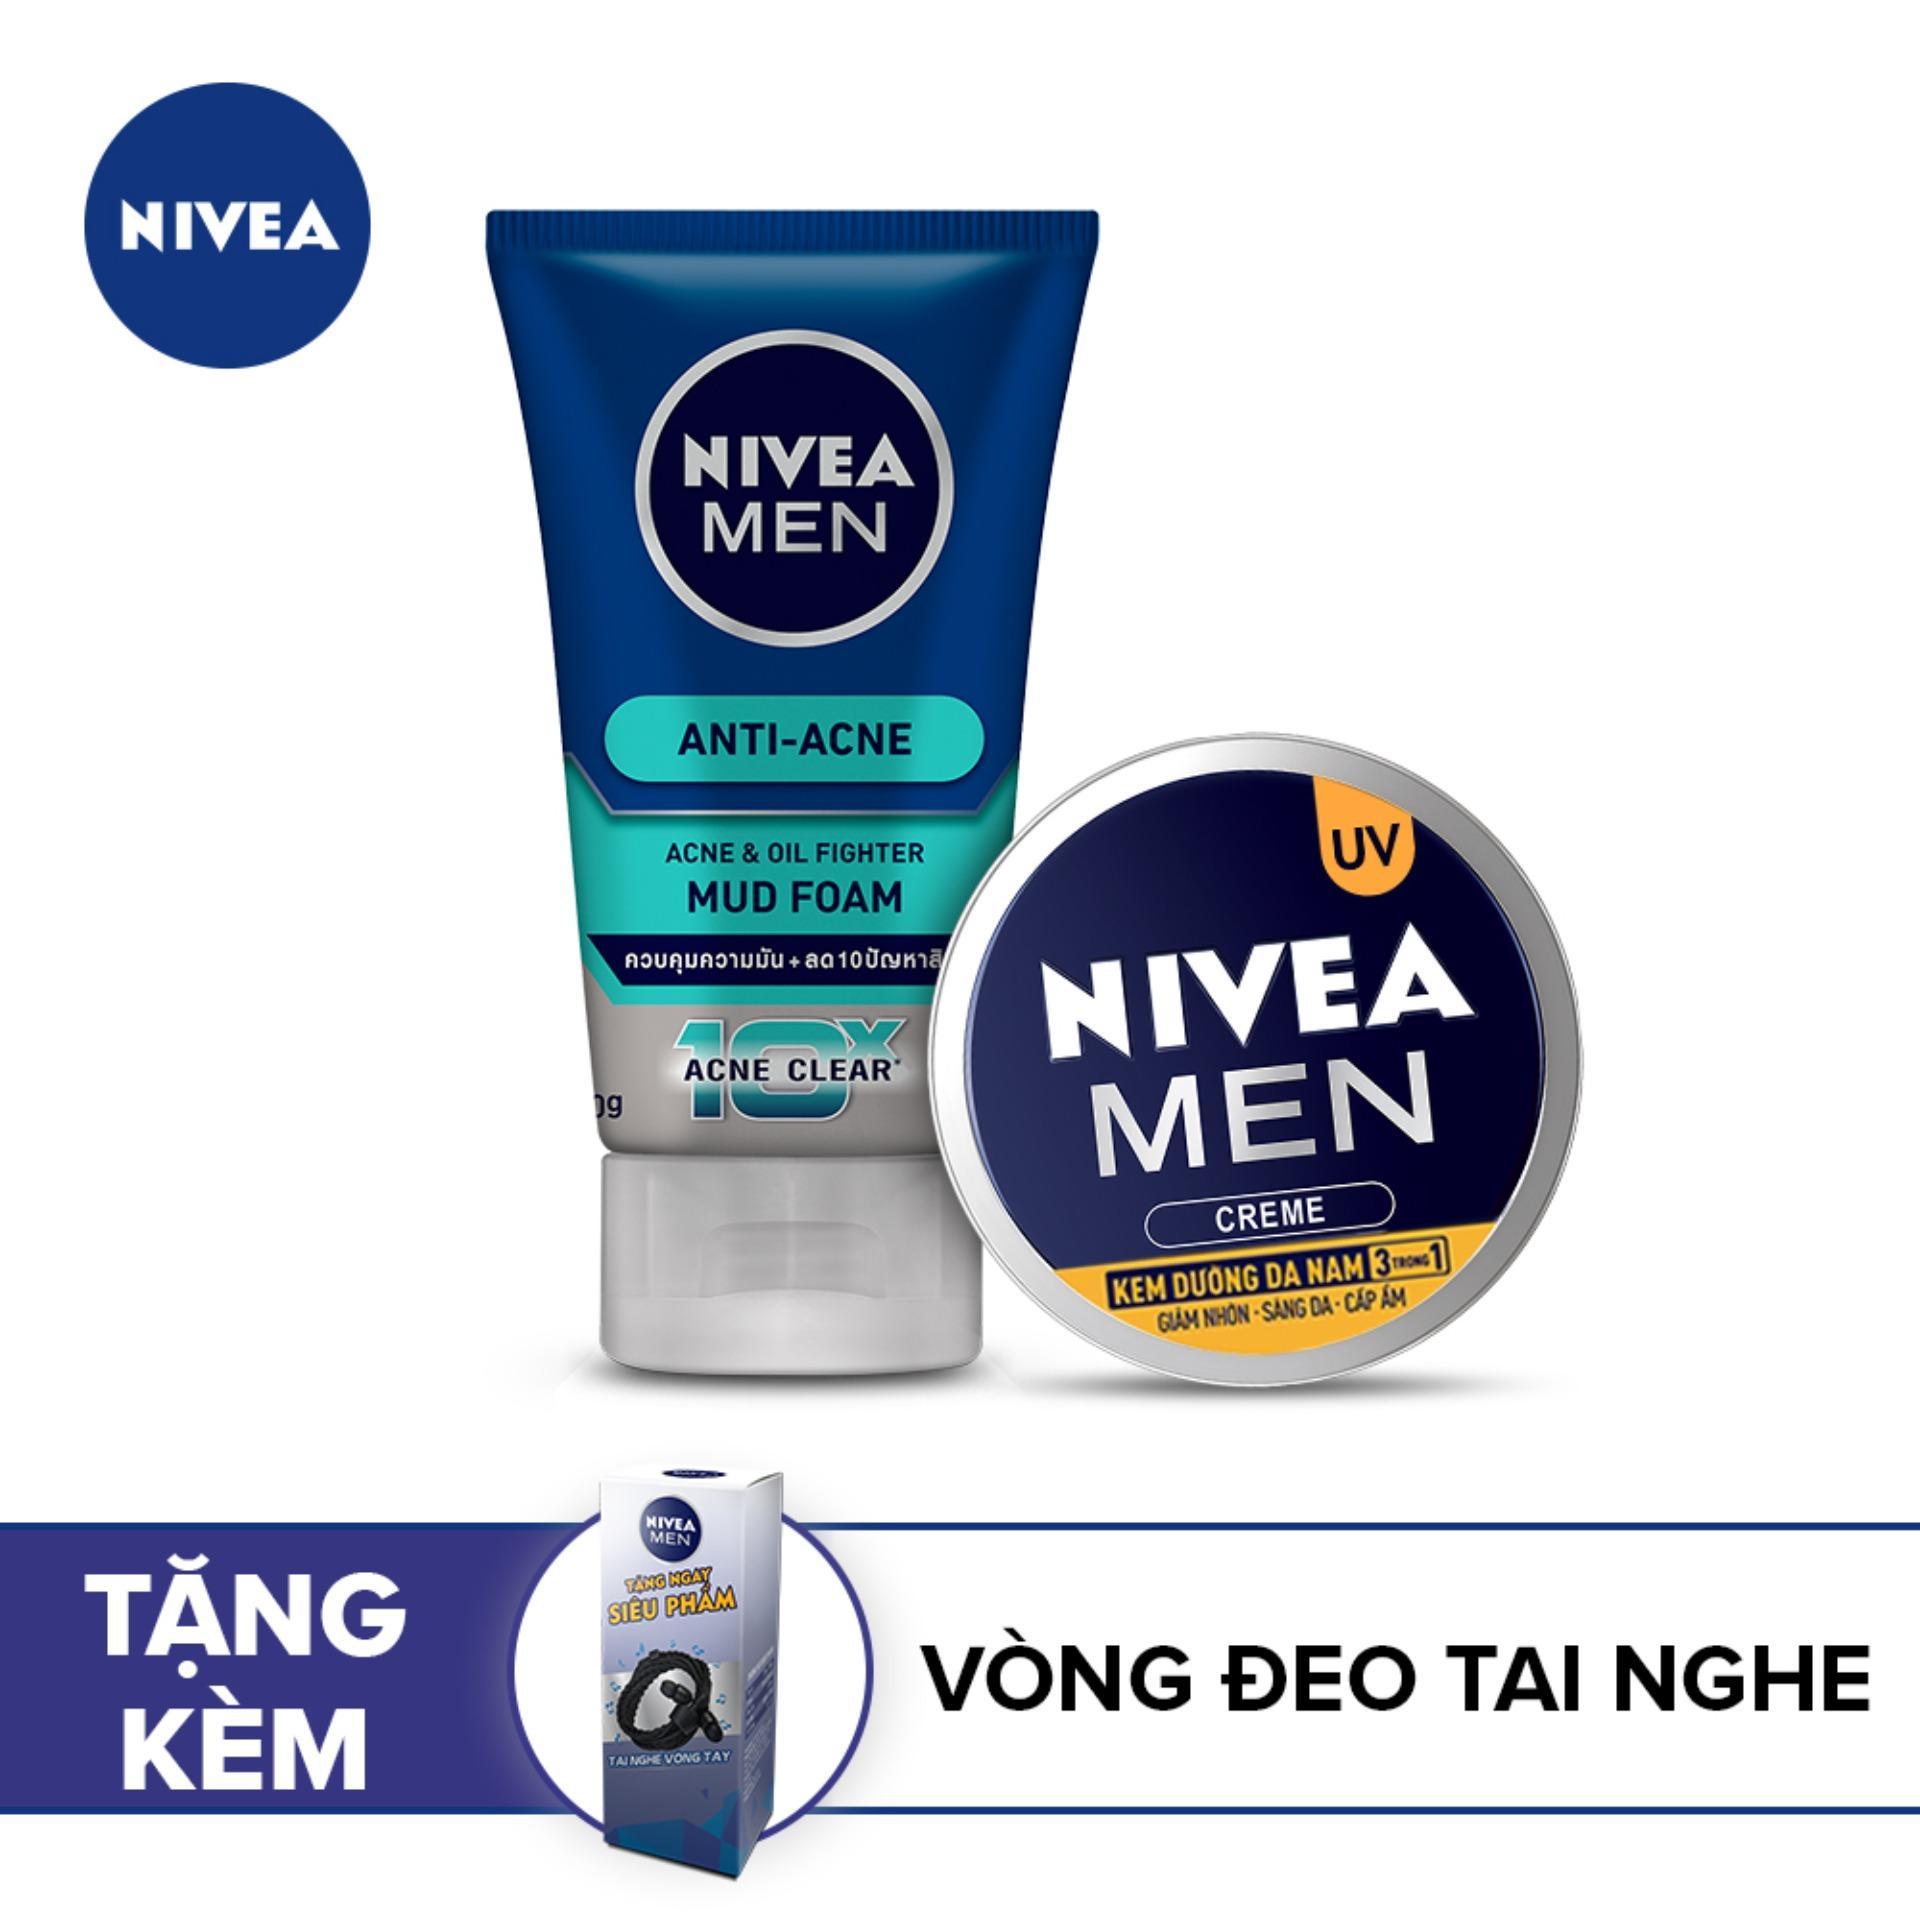 [Tặng Vòng đeo tai nghe] Bộ sản phẩm chăm sóc da Nivea dành cho nam giới: Kem dưỡng da 30ml và Sữa rửa mặt ngăn ngừa mụn 100g